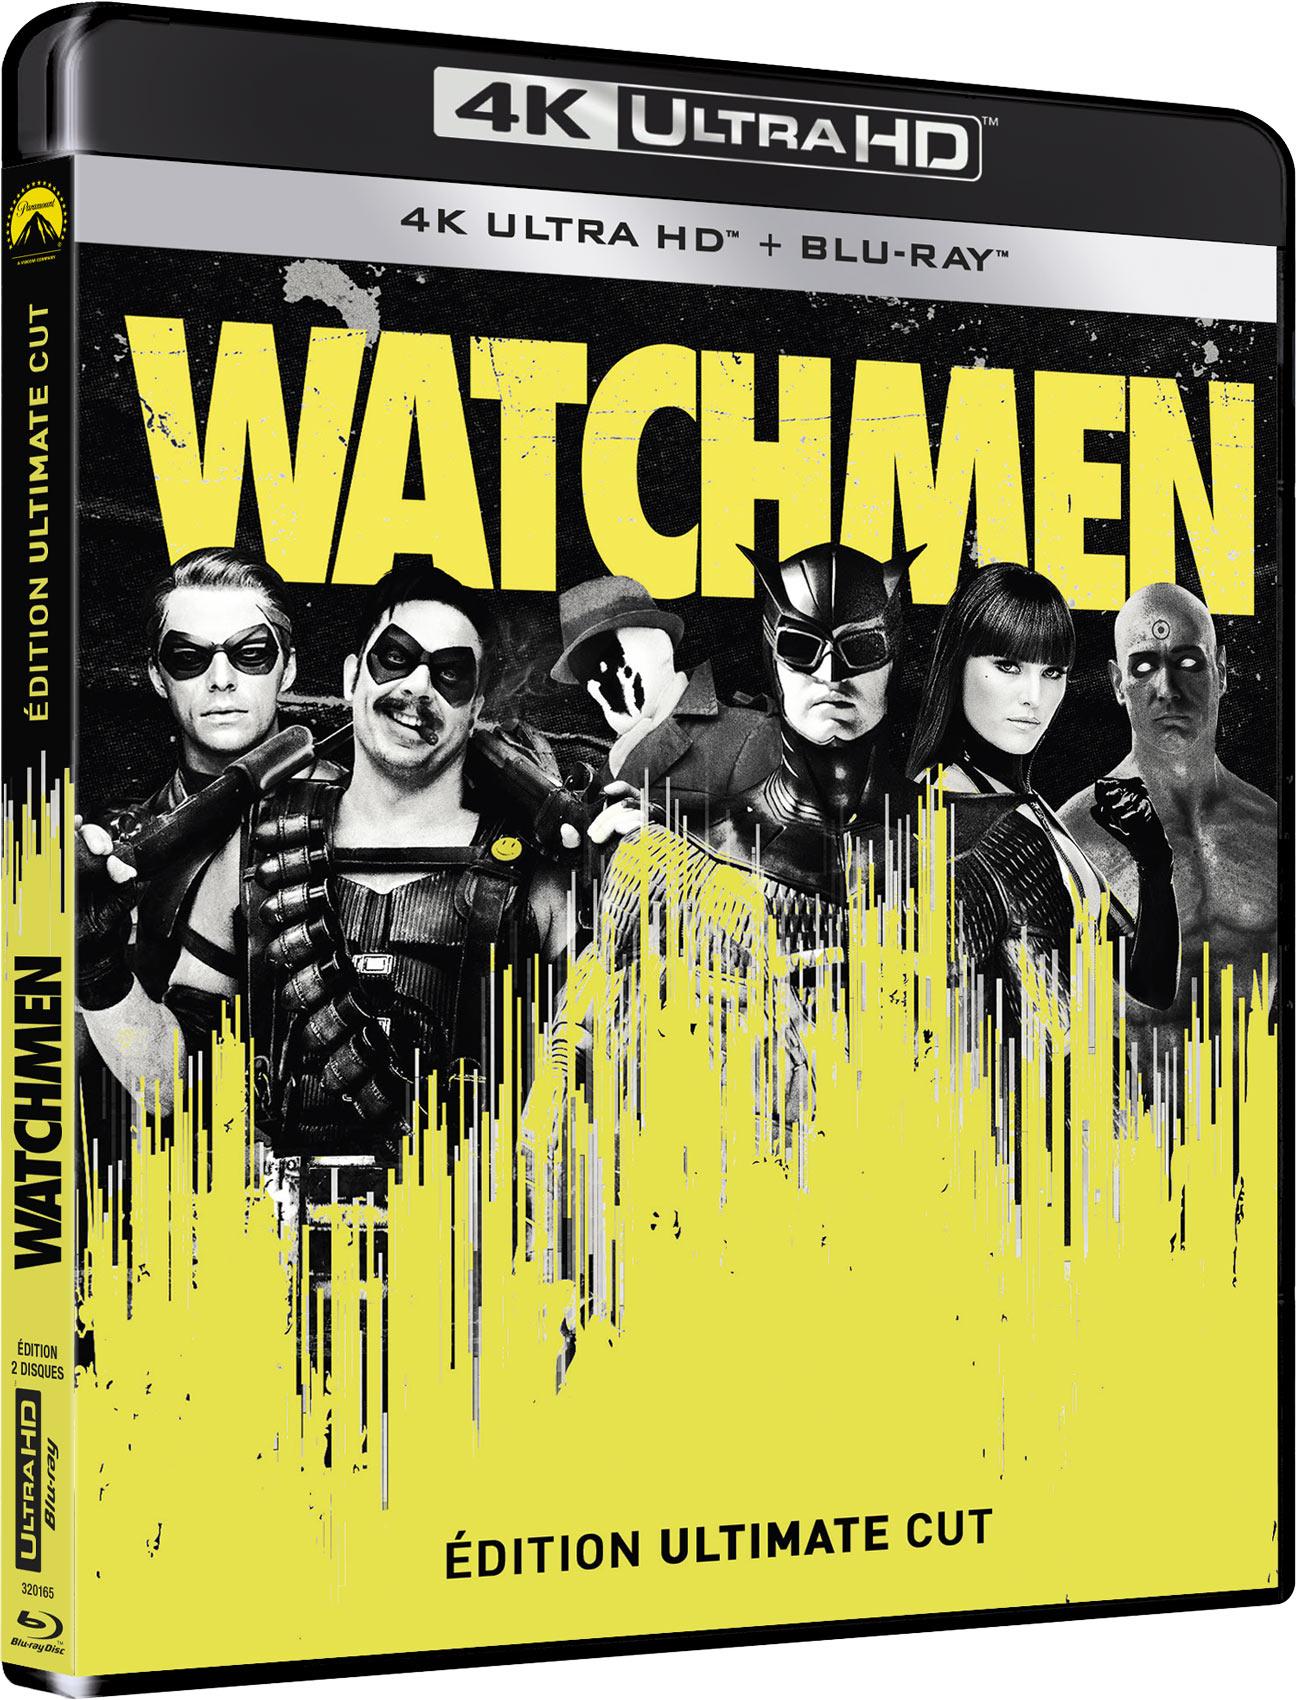 WATCHMEN 4K